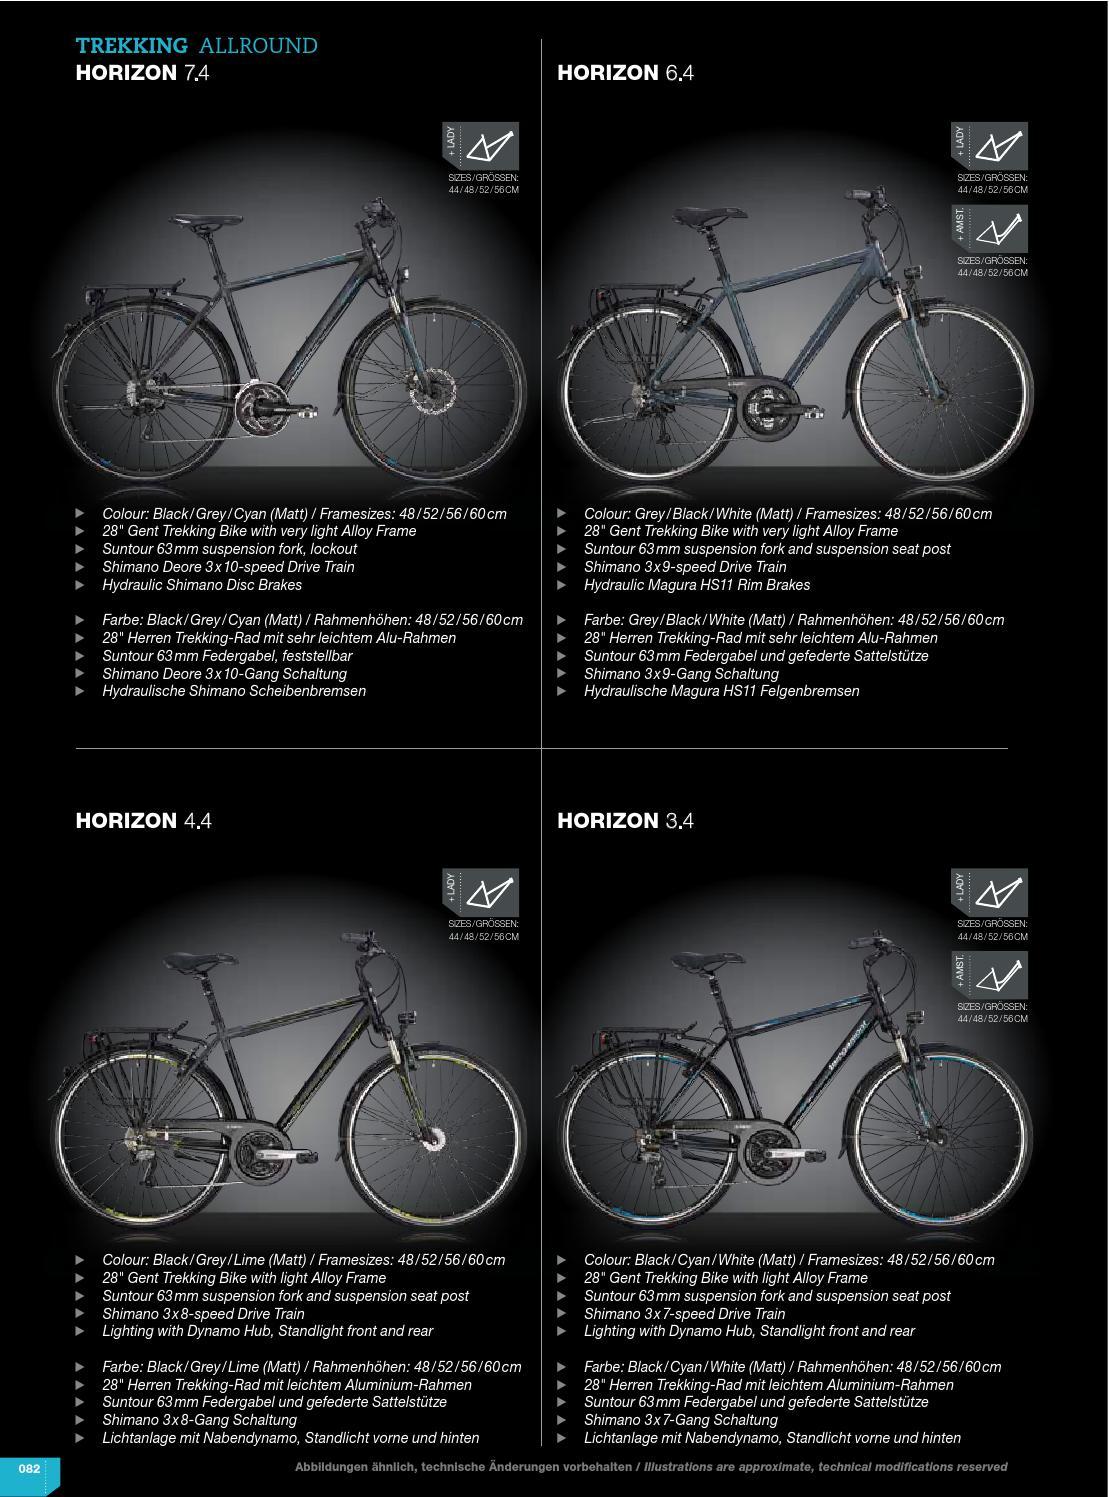 Catalogo Bergamont 2014 by BikeMTB.net - issuu